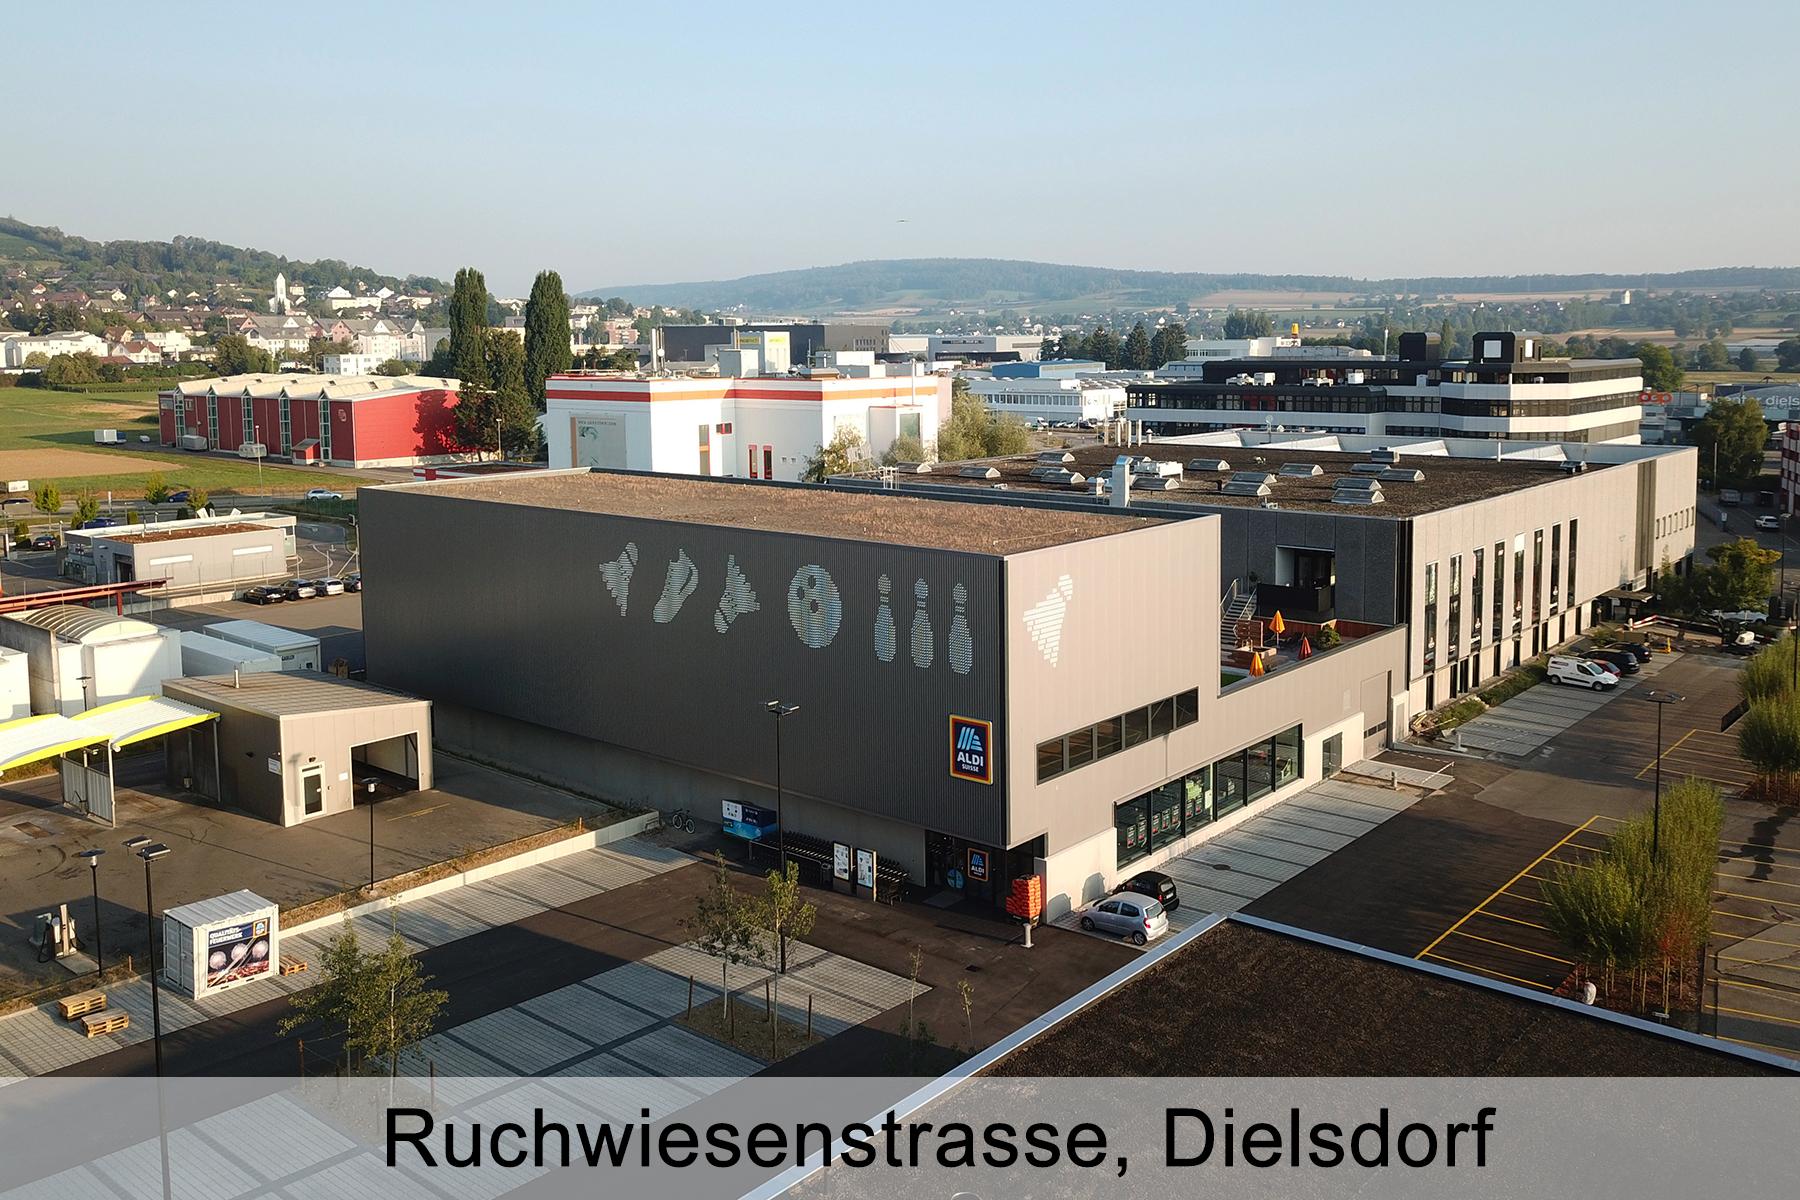 Ruchwiesenstrasse, Dielsdorf